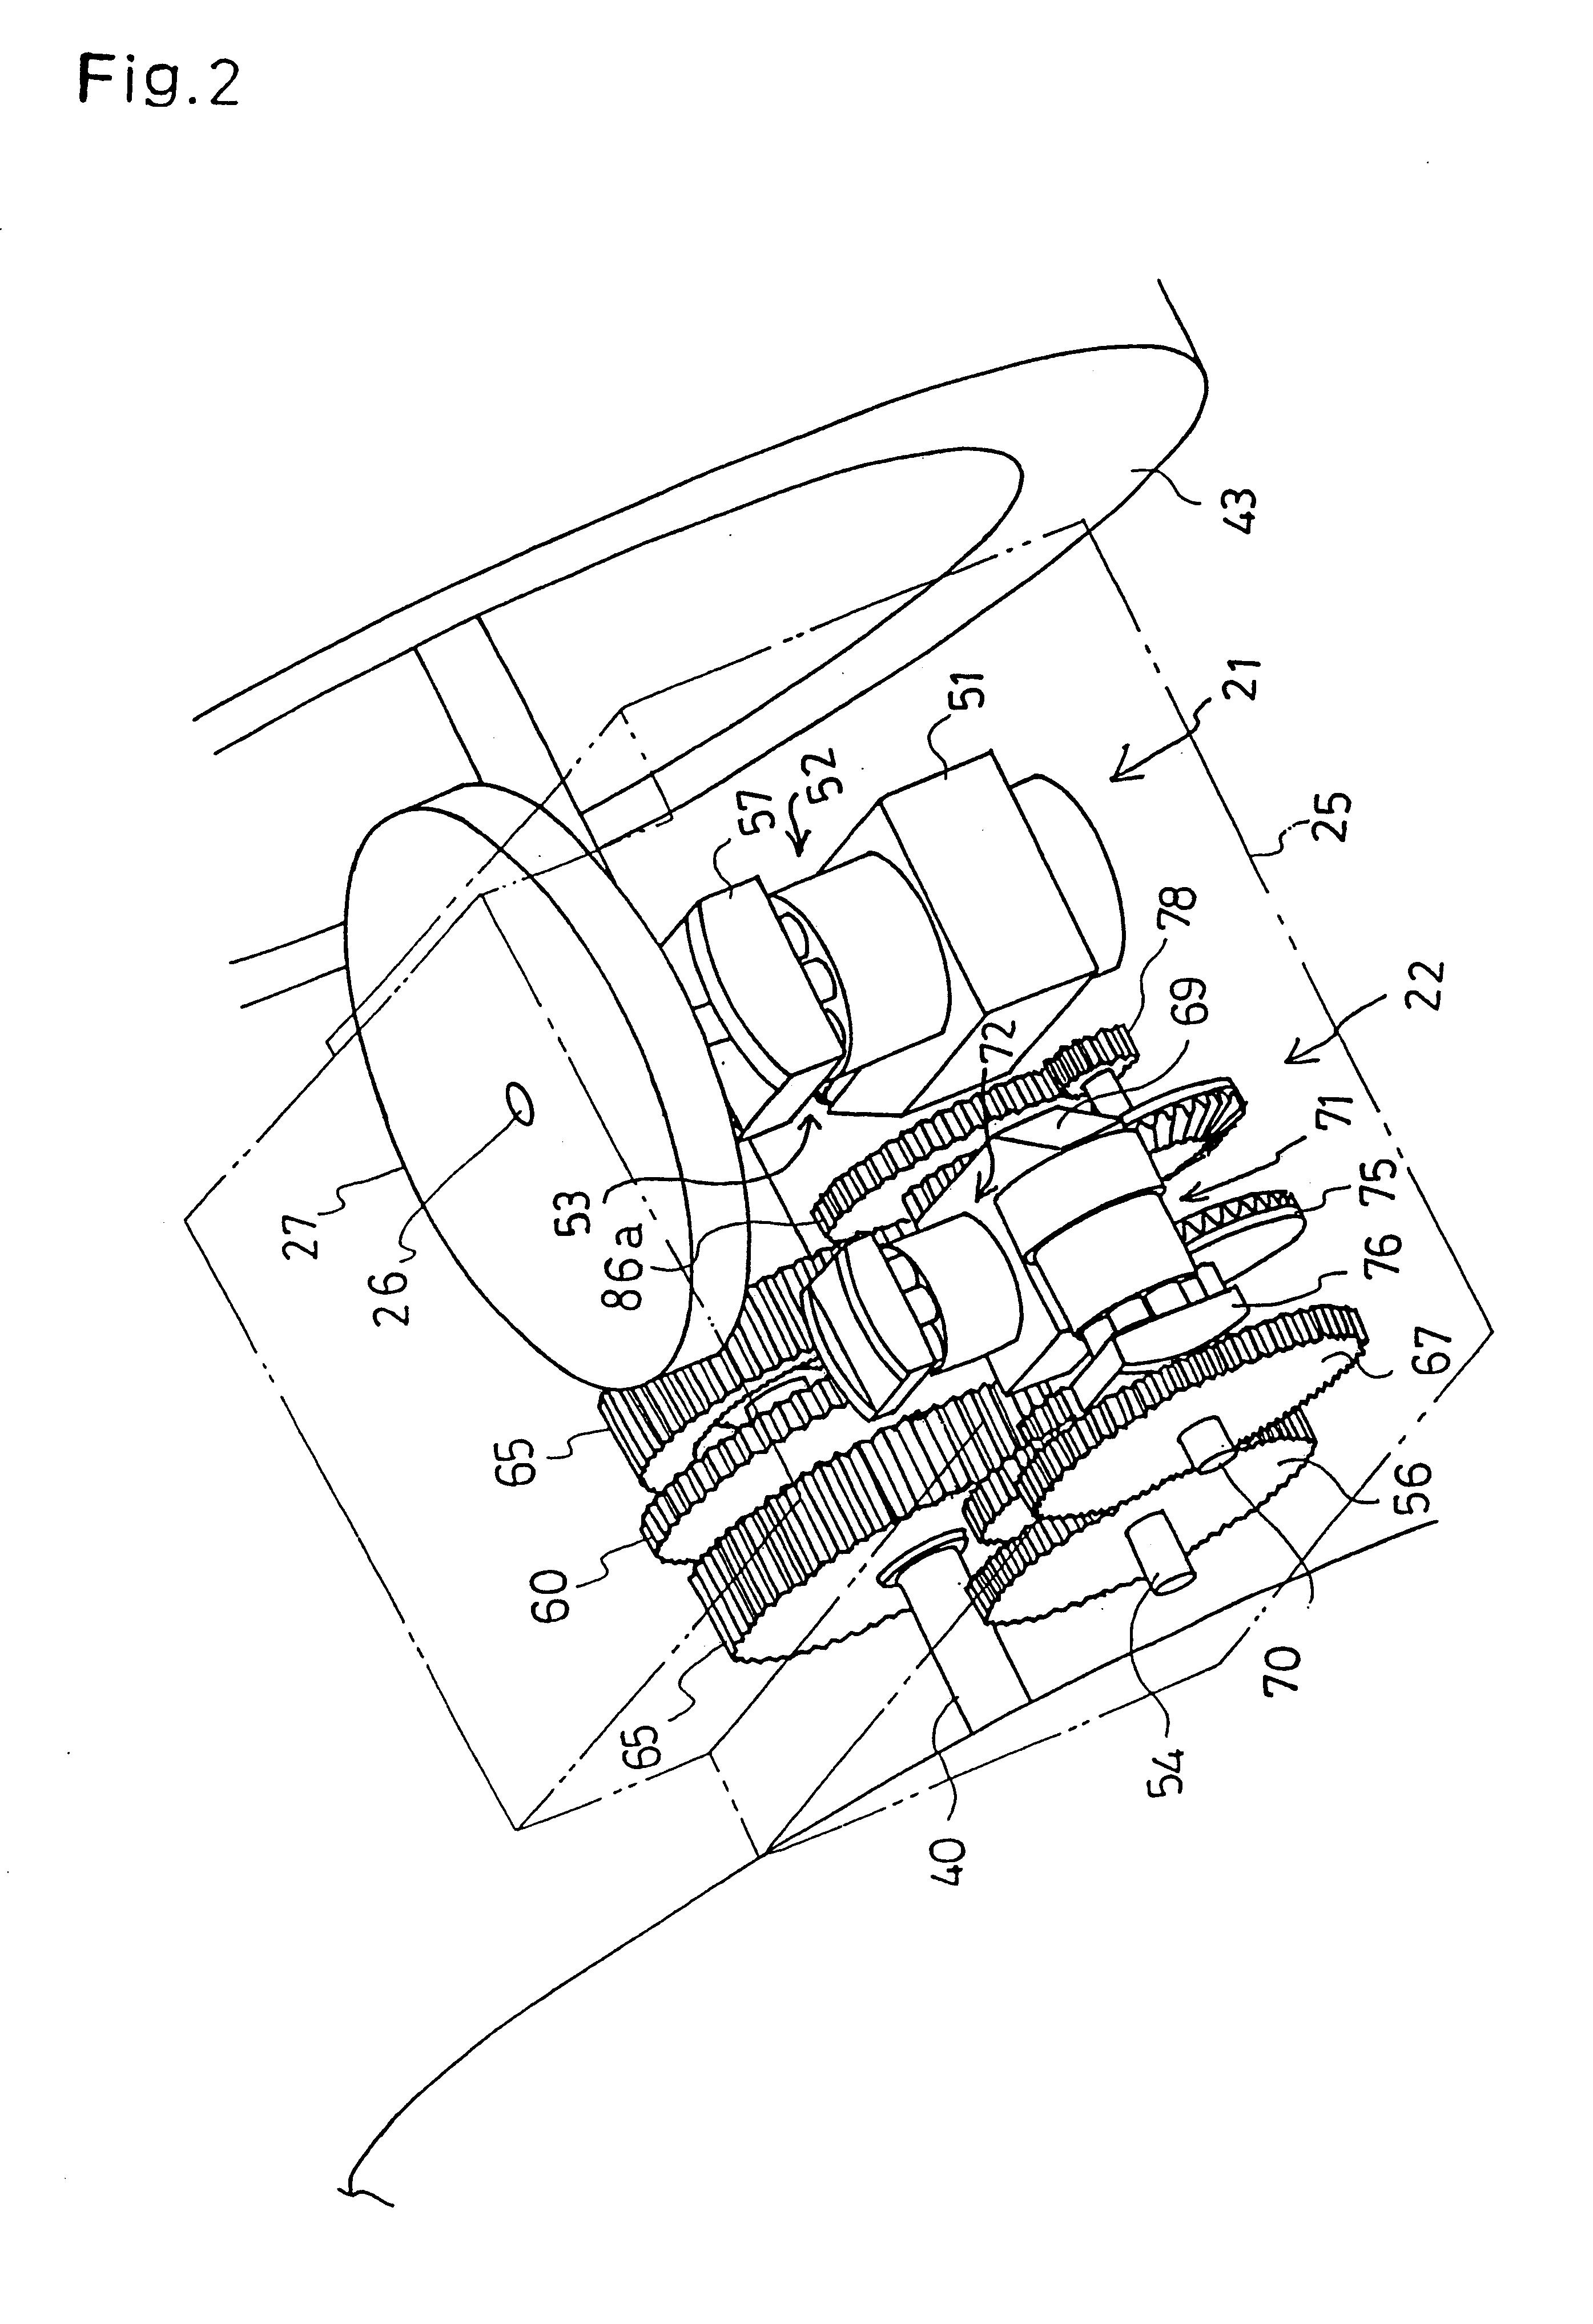 pto brochure, pto switch, pto chart, pto board, pto wire harness, on l120 pto wiring schematic